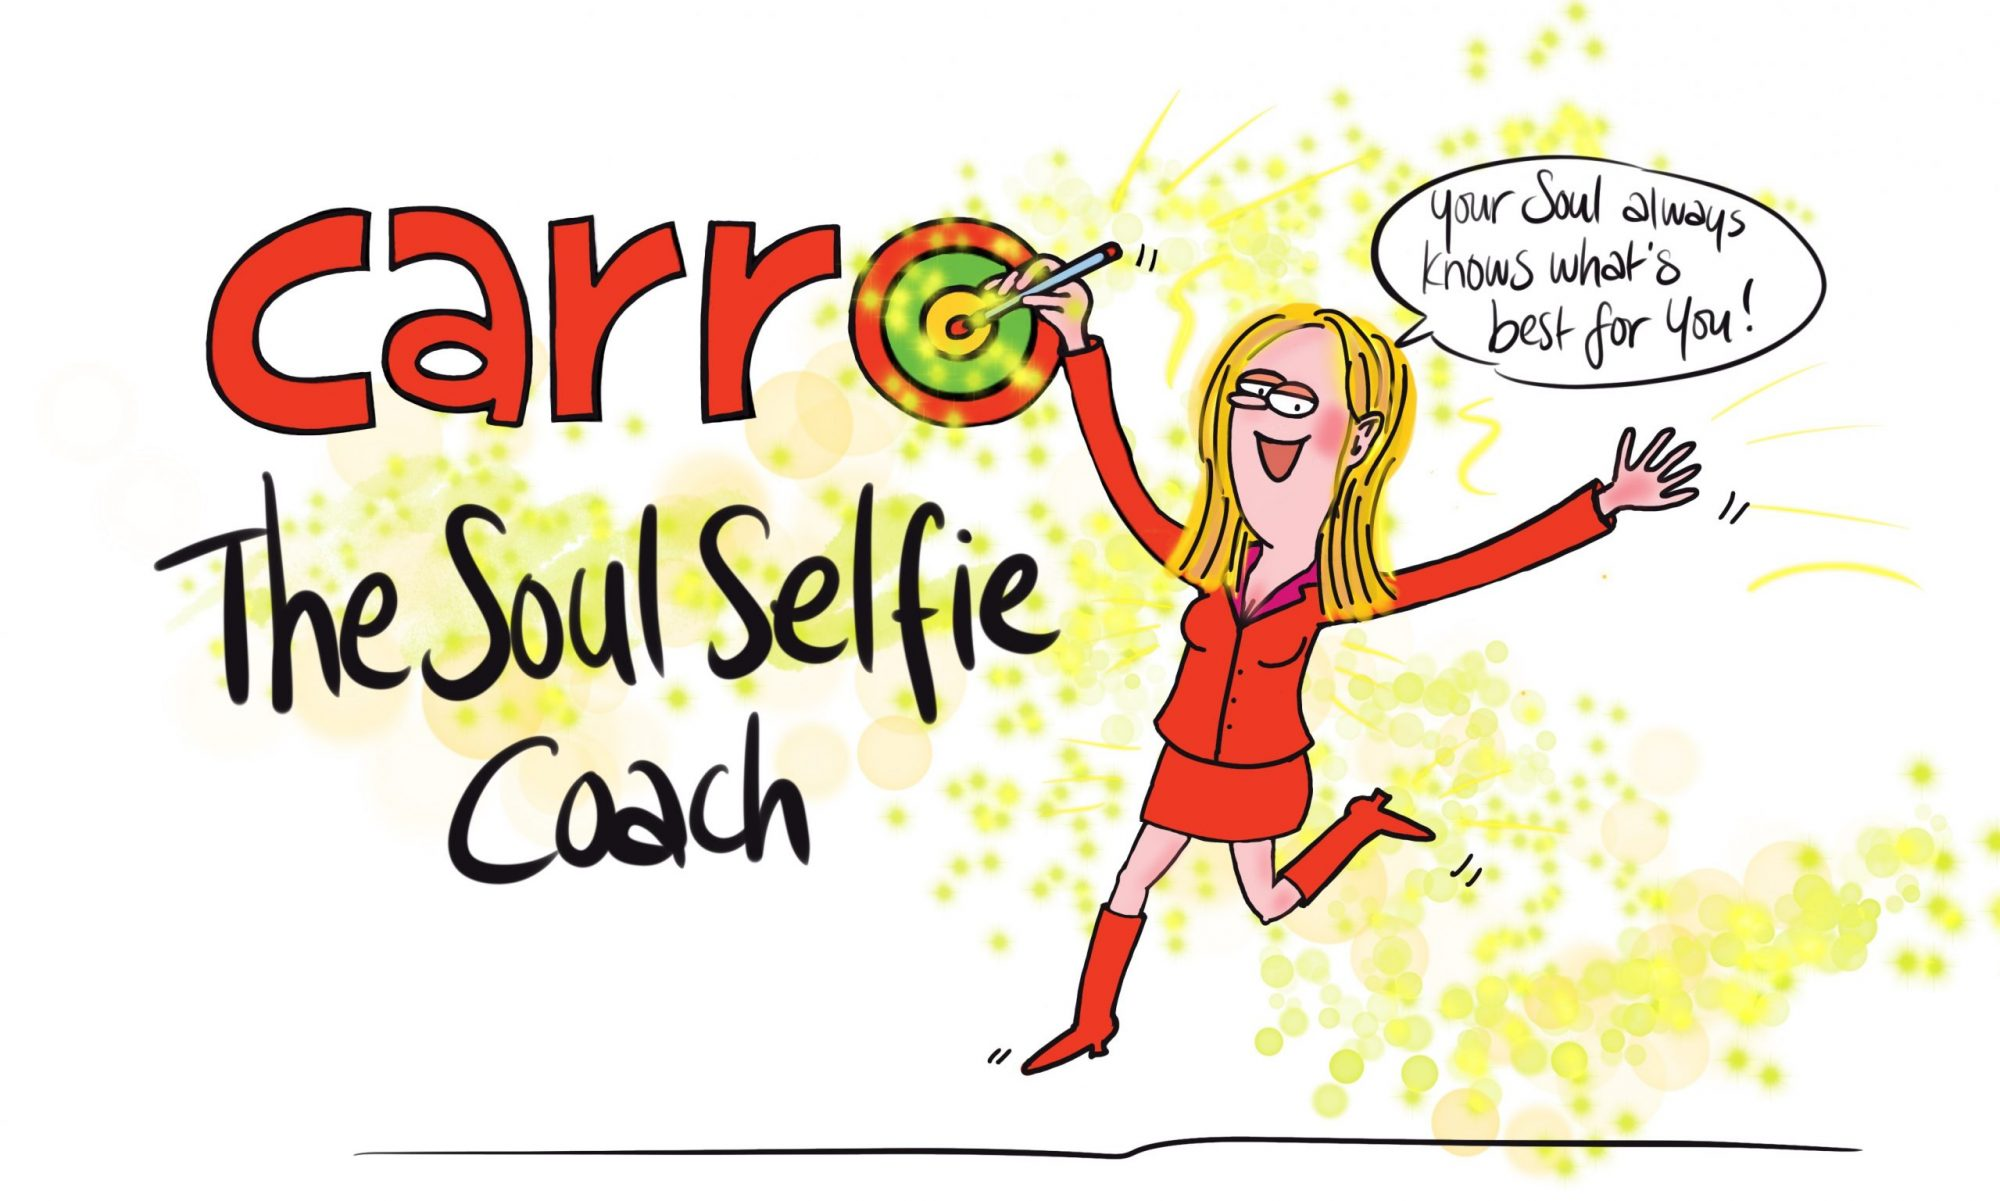 The Soul Selfie Coach